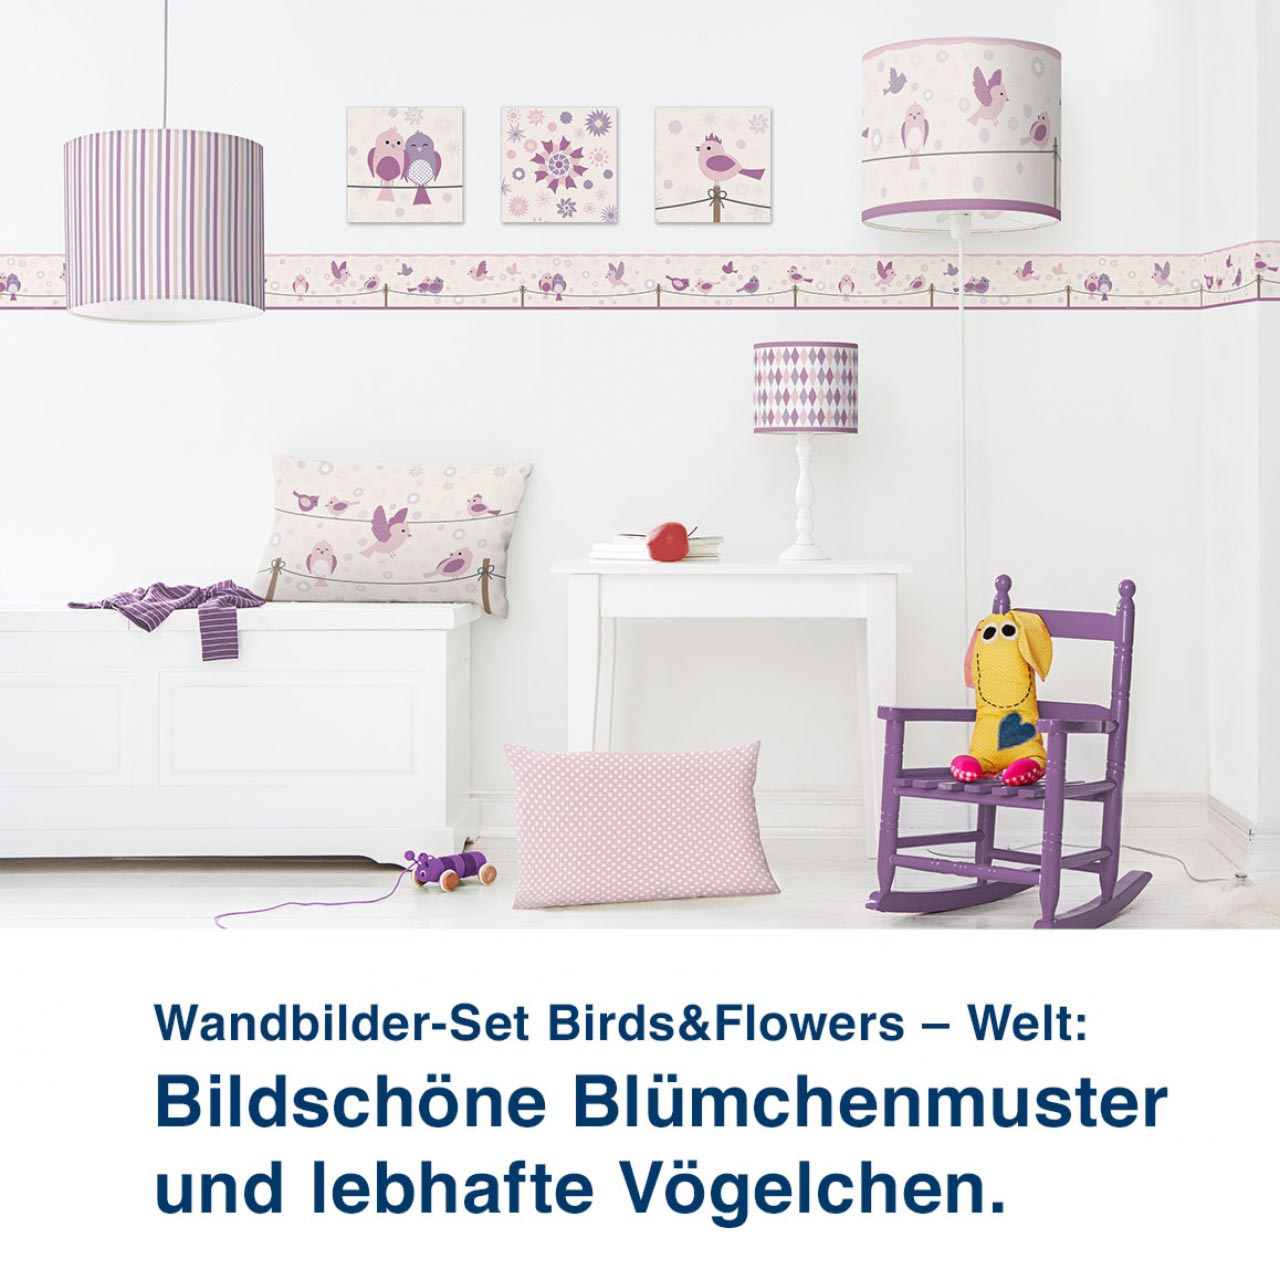 Wandbilder-Set Birds&Flowers – Welt:  Bildschöne Blümchenmuster  und lebhafte Vögelchen.